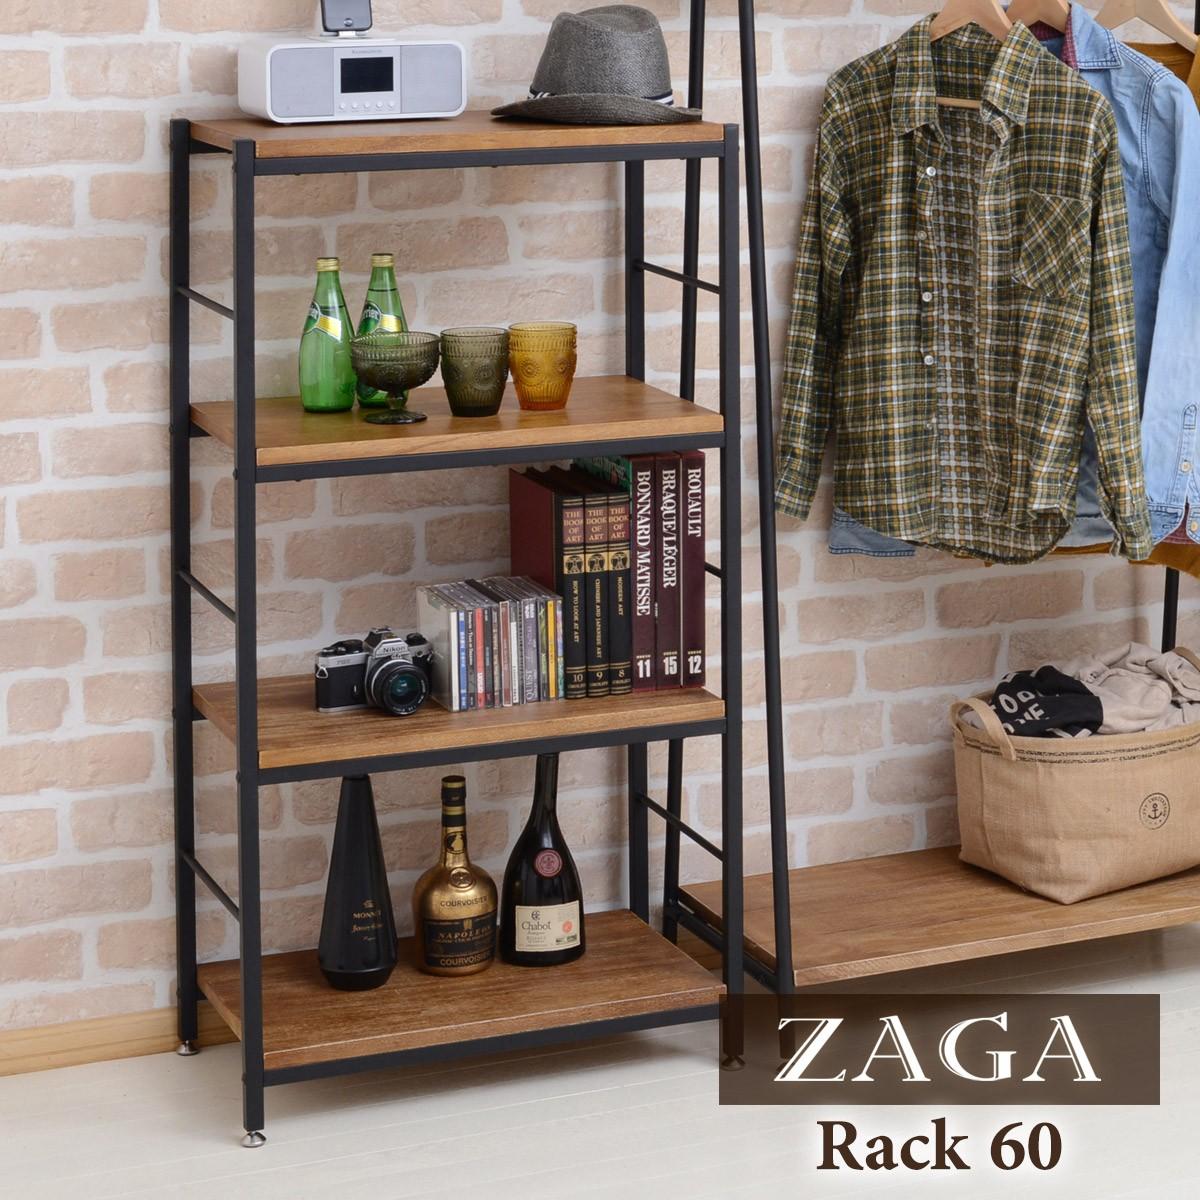 送料無料 ZAGA(ザガ)ラック 幅60 ZR-600 アンティーク風 無垢桐材 ラック 収納 アイアン 木製 ディスプレイ 木製 北欧 シンプル 棚 ディスプレイラック シェルフ 本棚